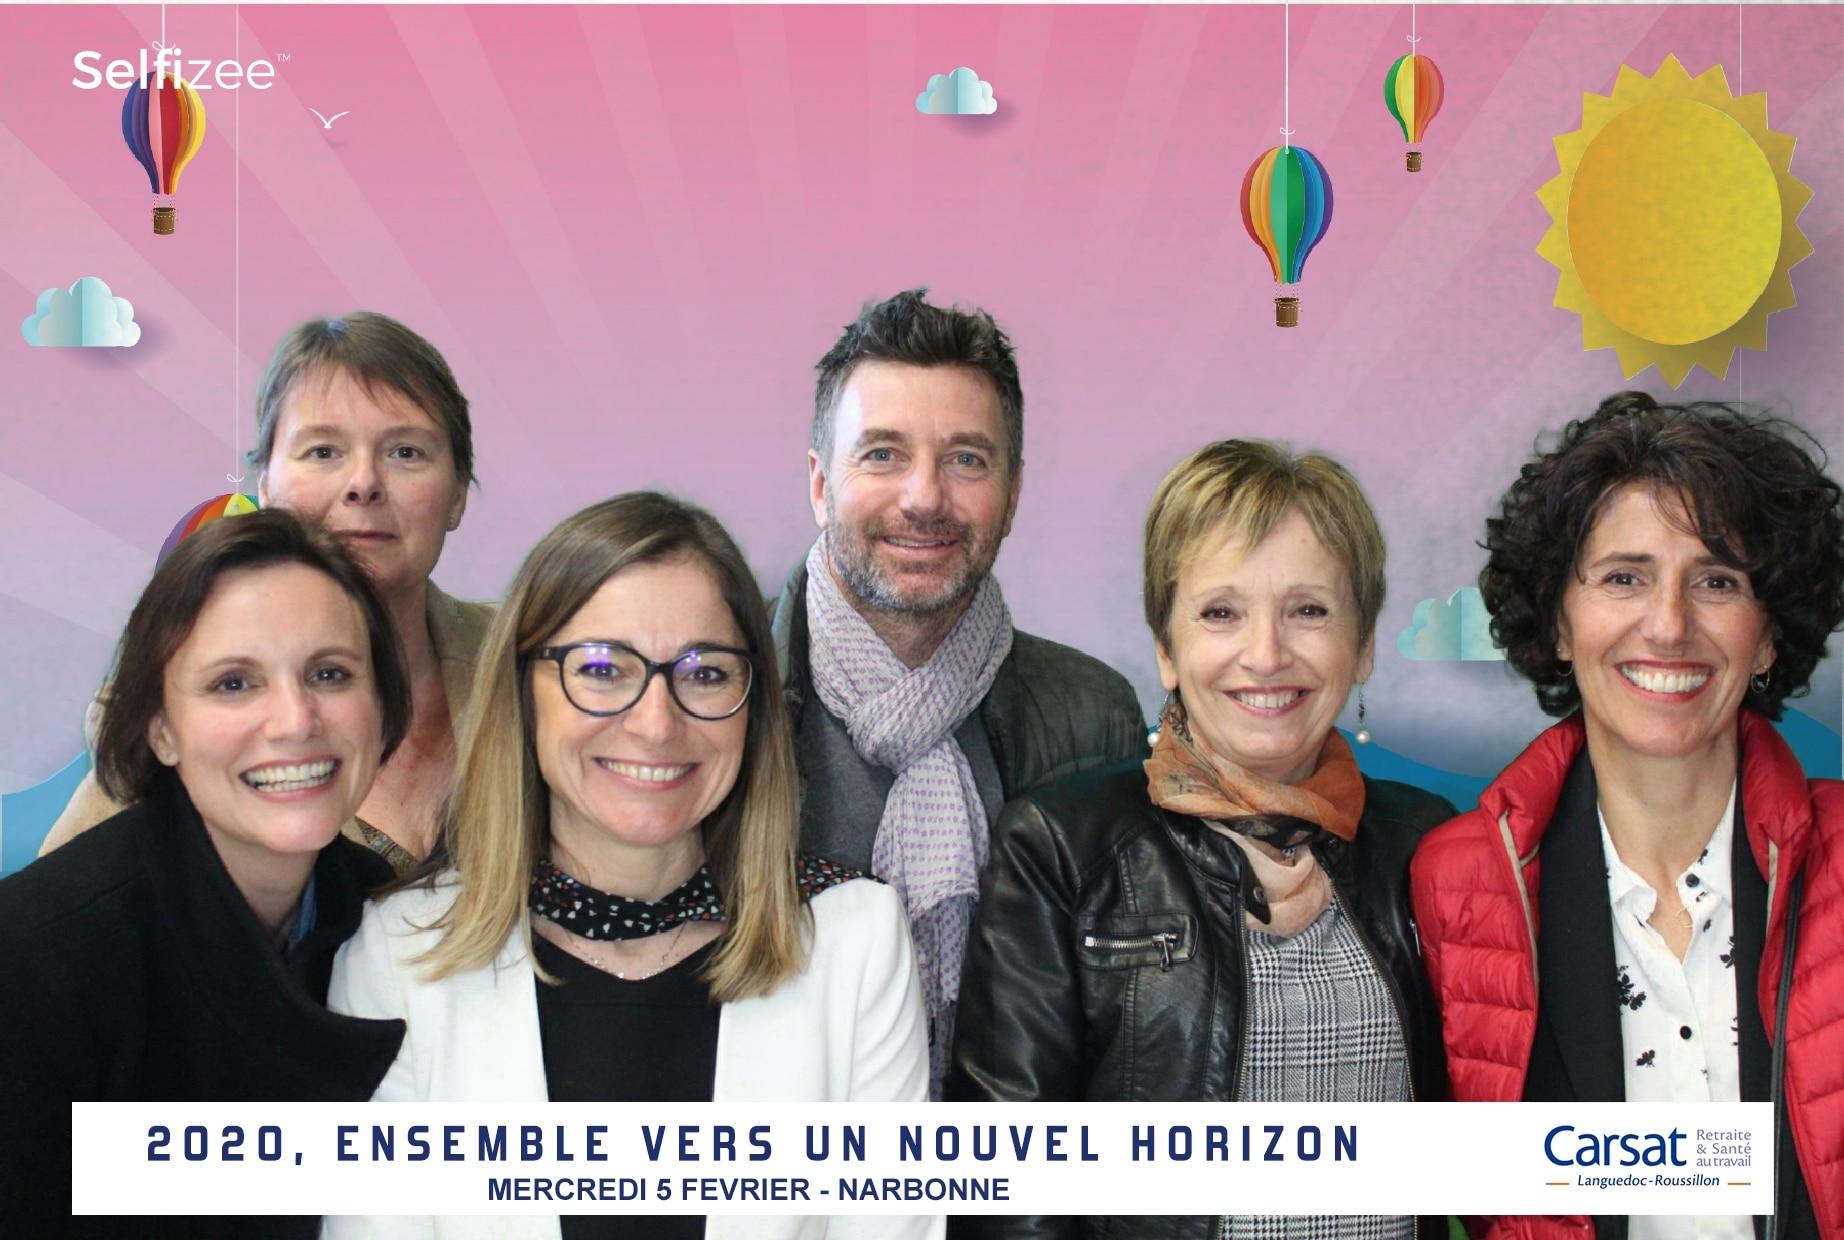 Borne selfie et animation fond vert avec tirages photos à Carsat Narbonne entre Perpignan et Montpellier